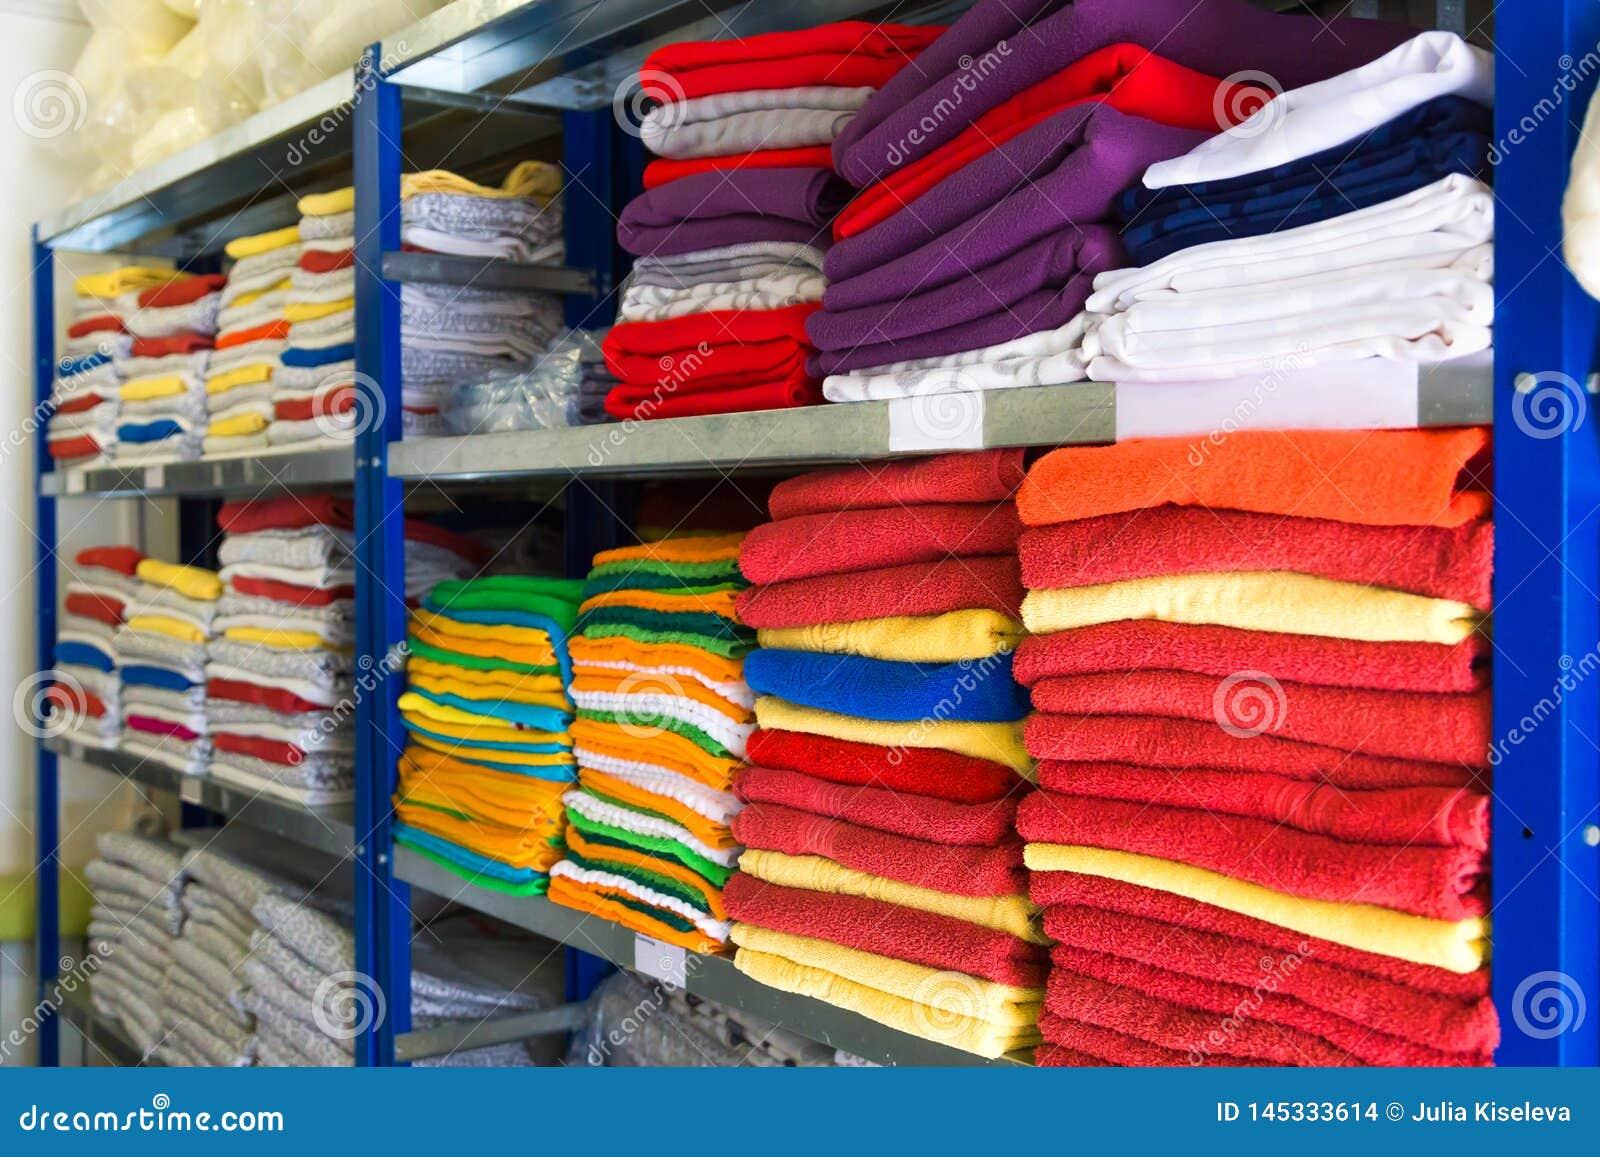 Asciugamani, lenzuola e vestiti sullo scaffale